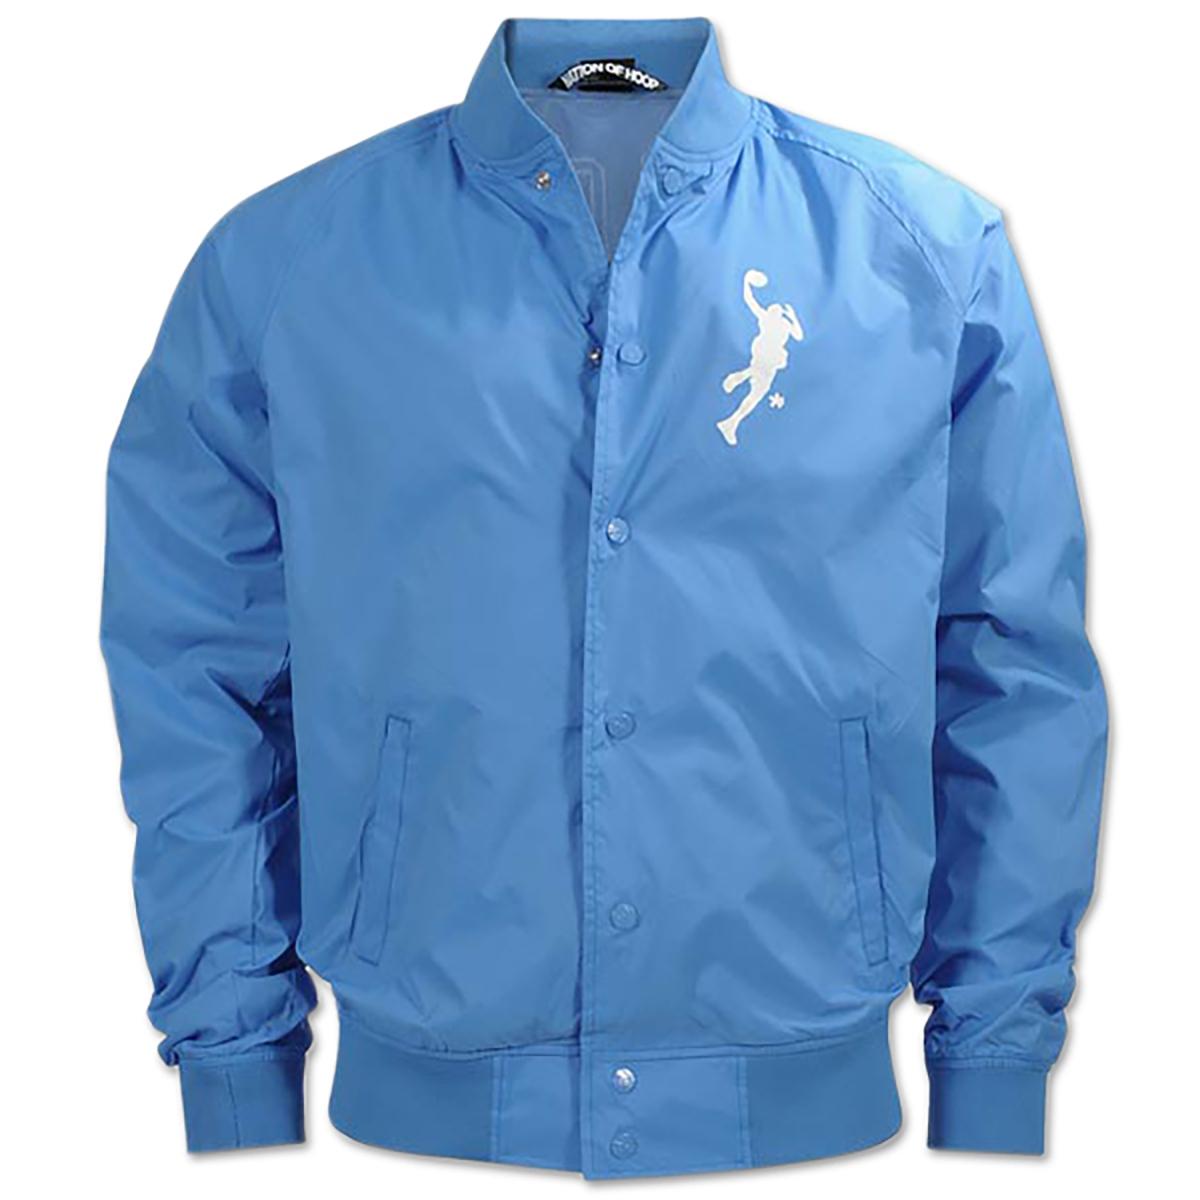 rich kids noh college jacket